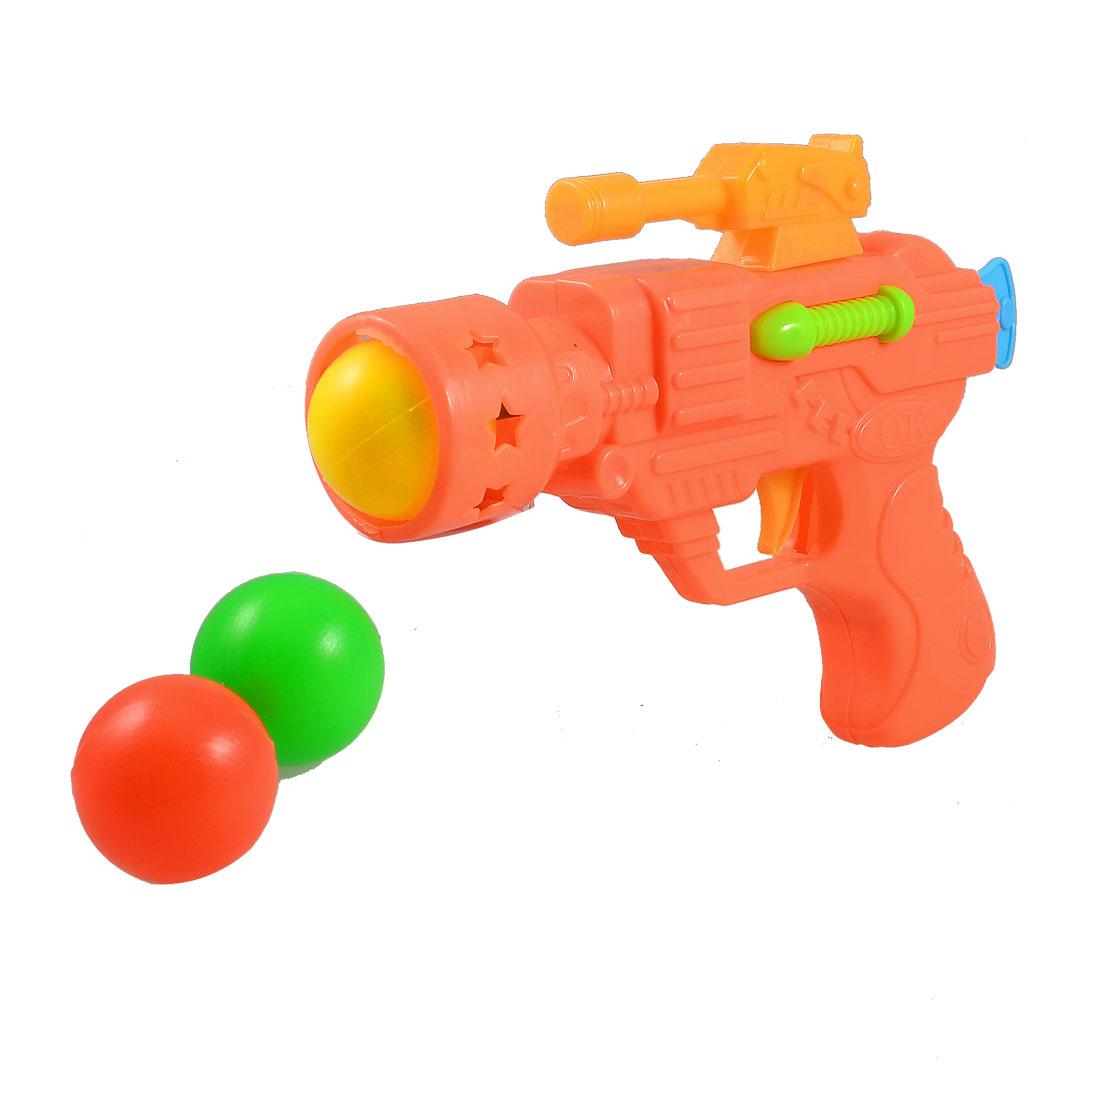 Children Kids Orange Red Plastic Gun Fight Toy w 3 Pcs Balls